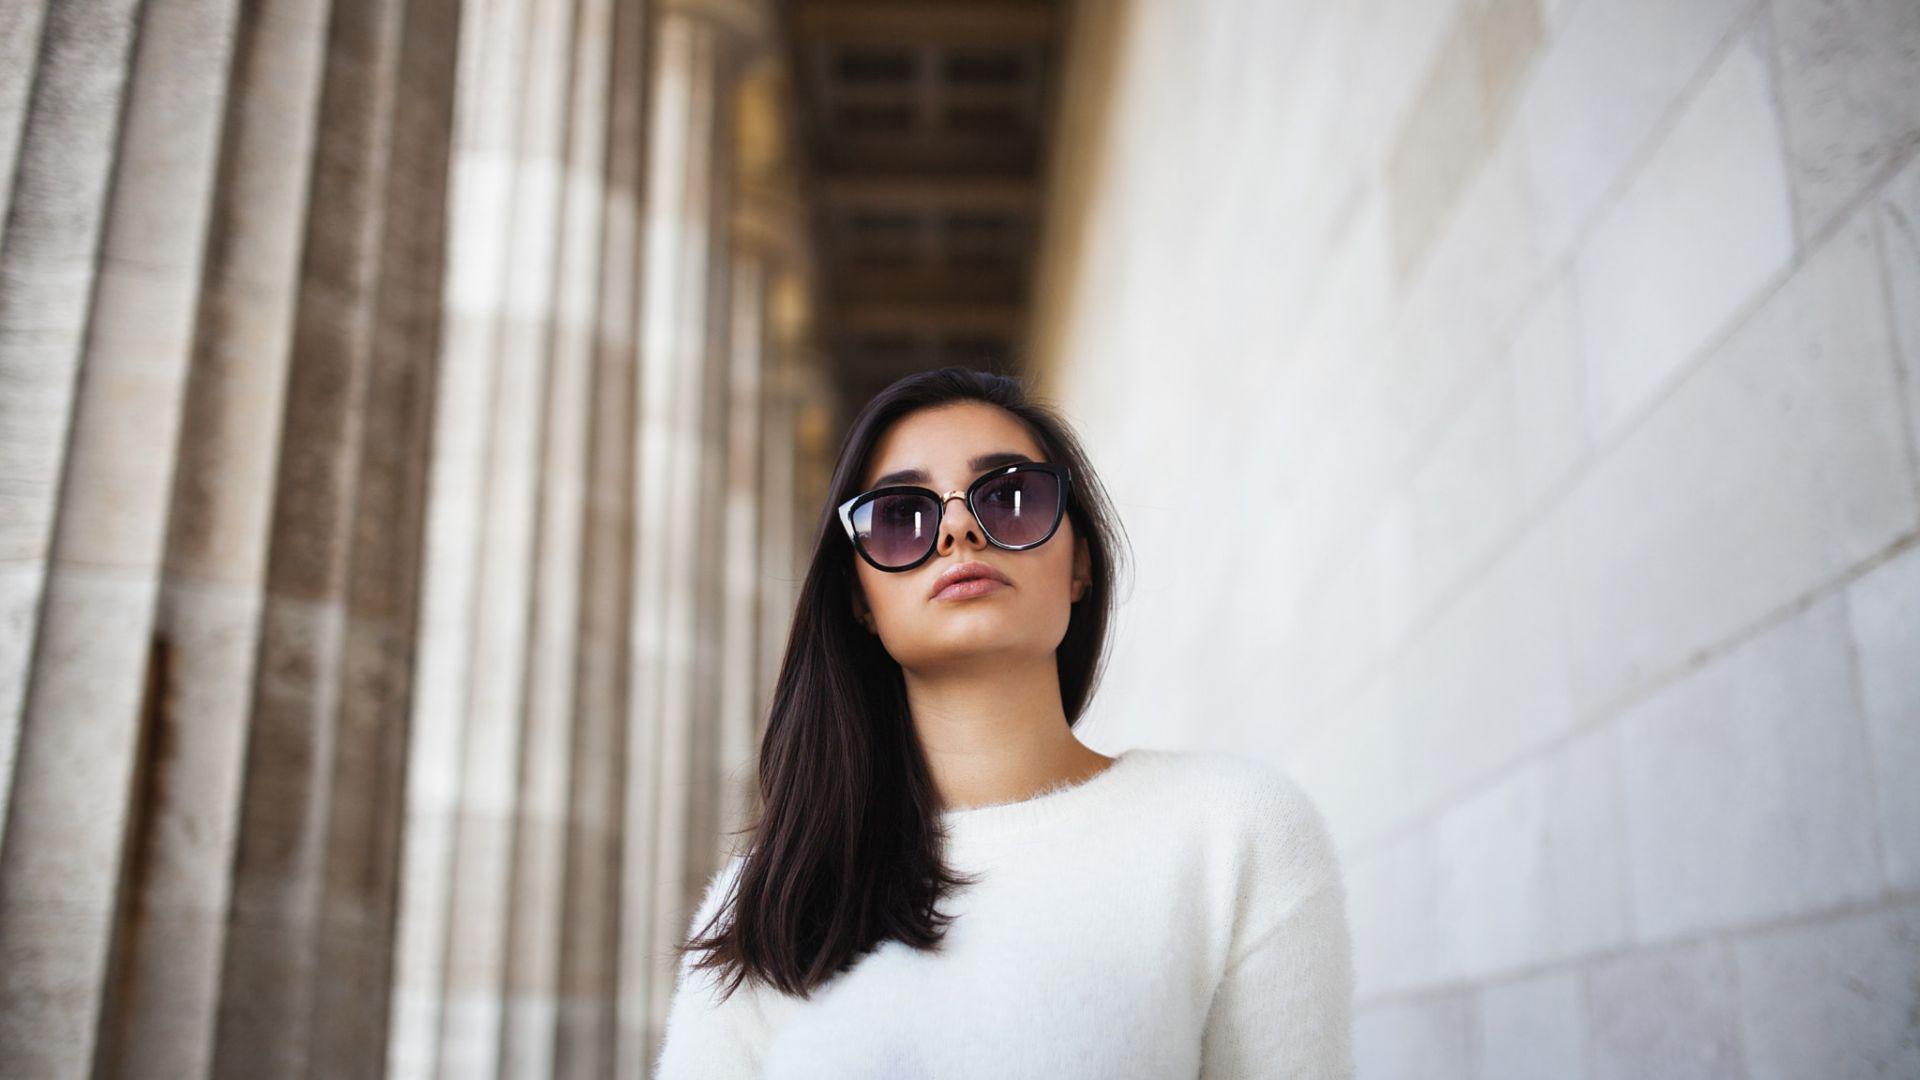 Wallpaper Sunglasses, girl model, white dress